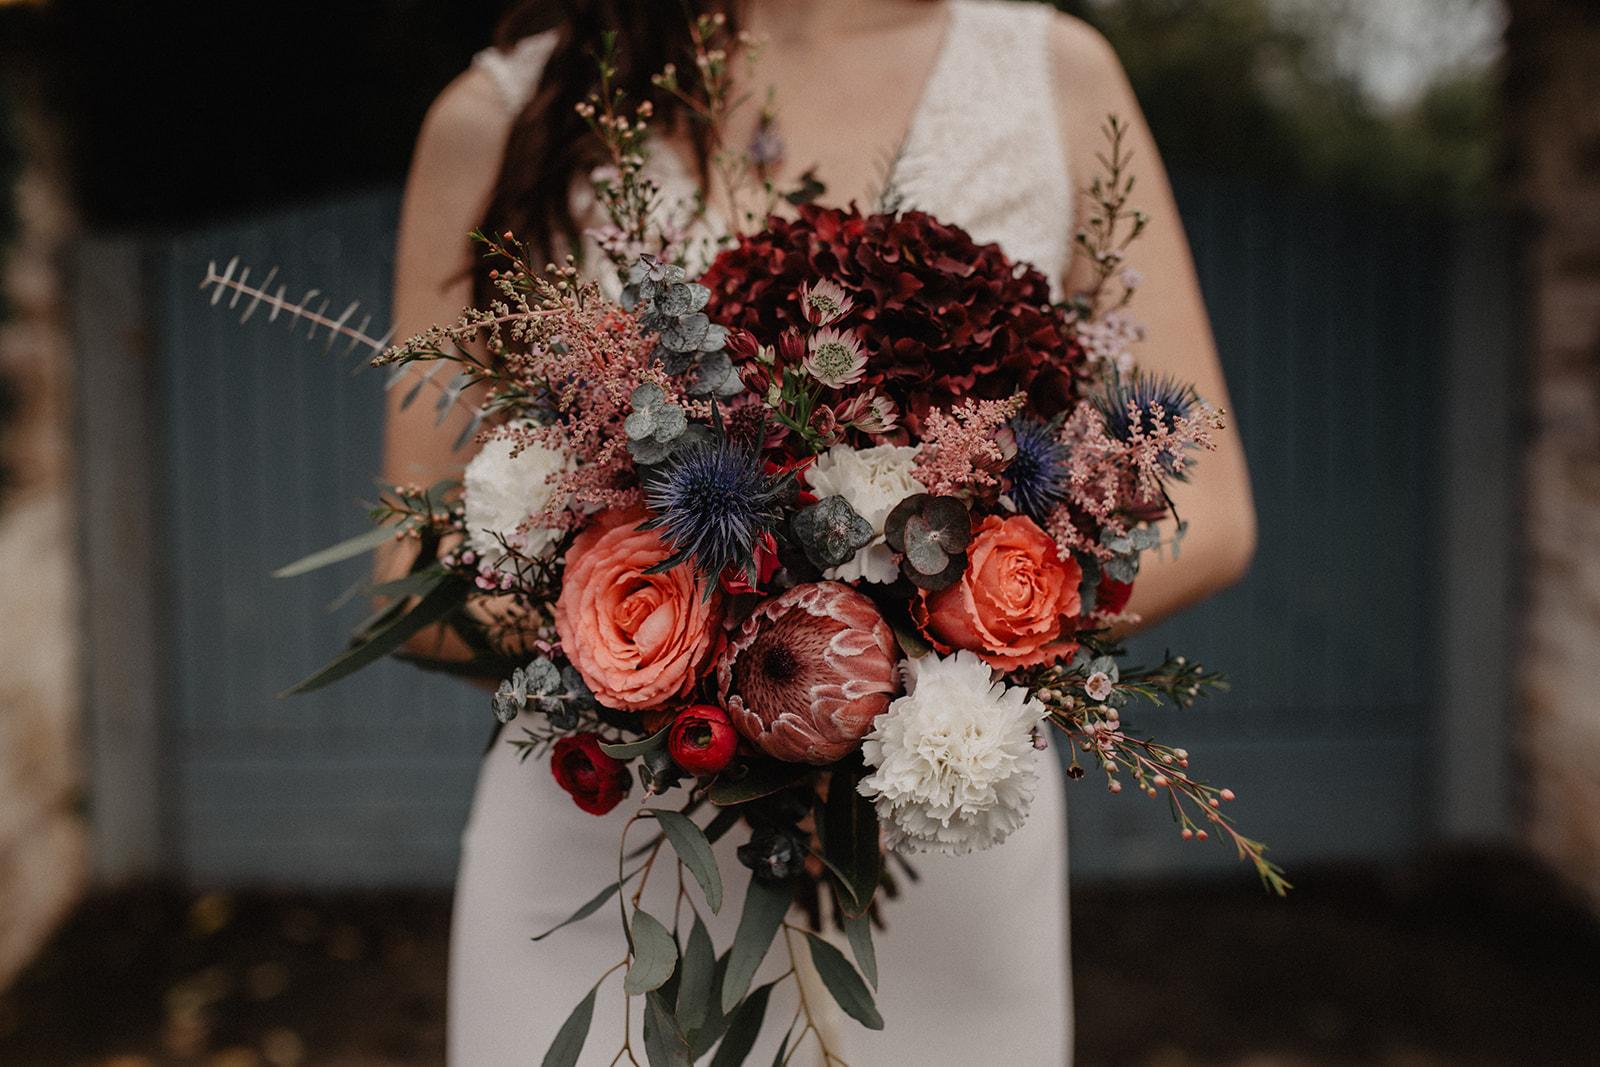 brudbukett höstbröllop blommor i säsong höst